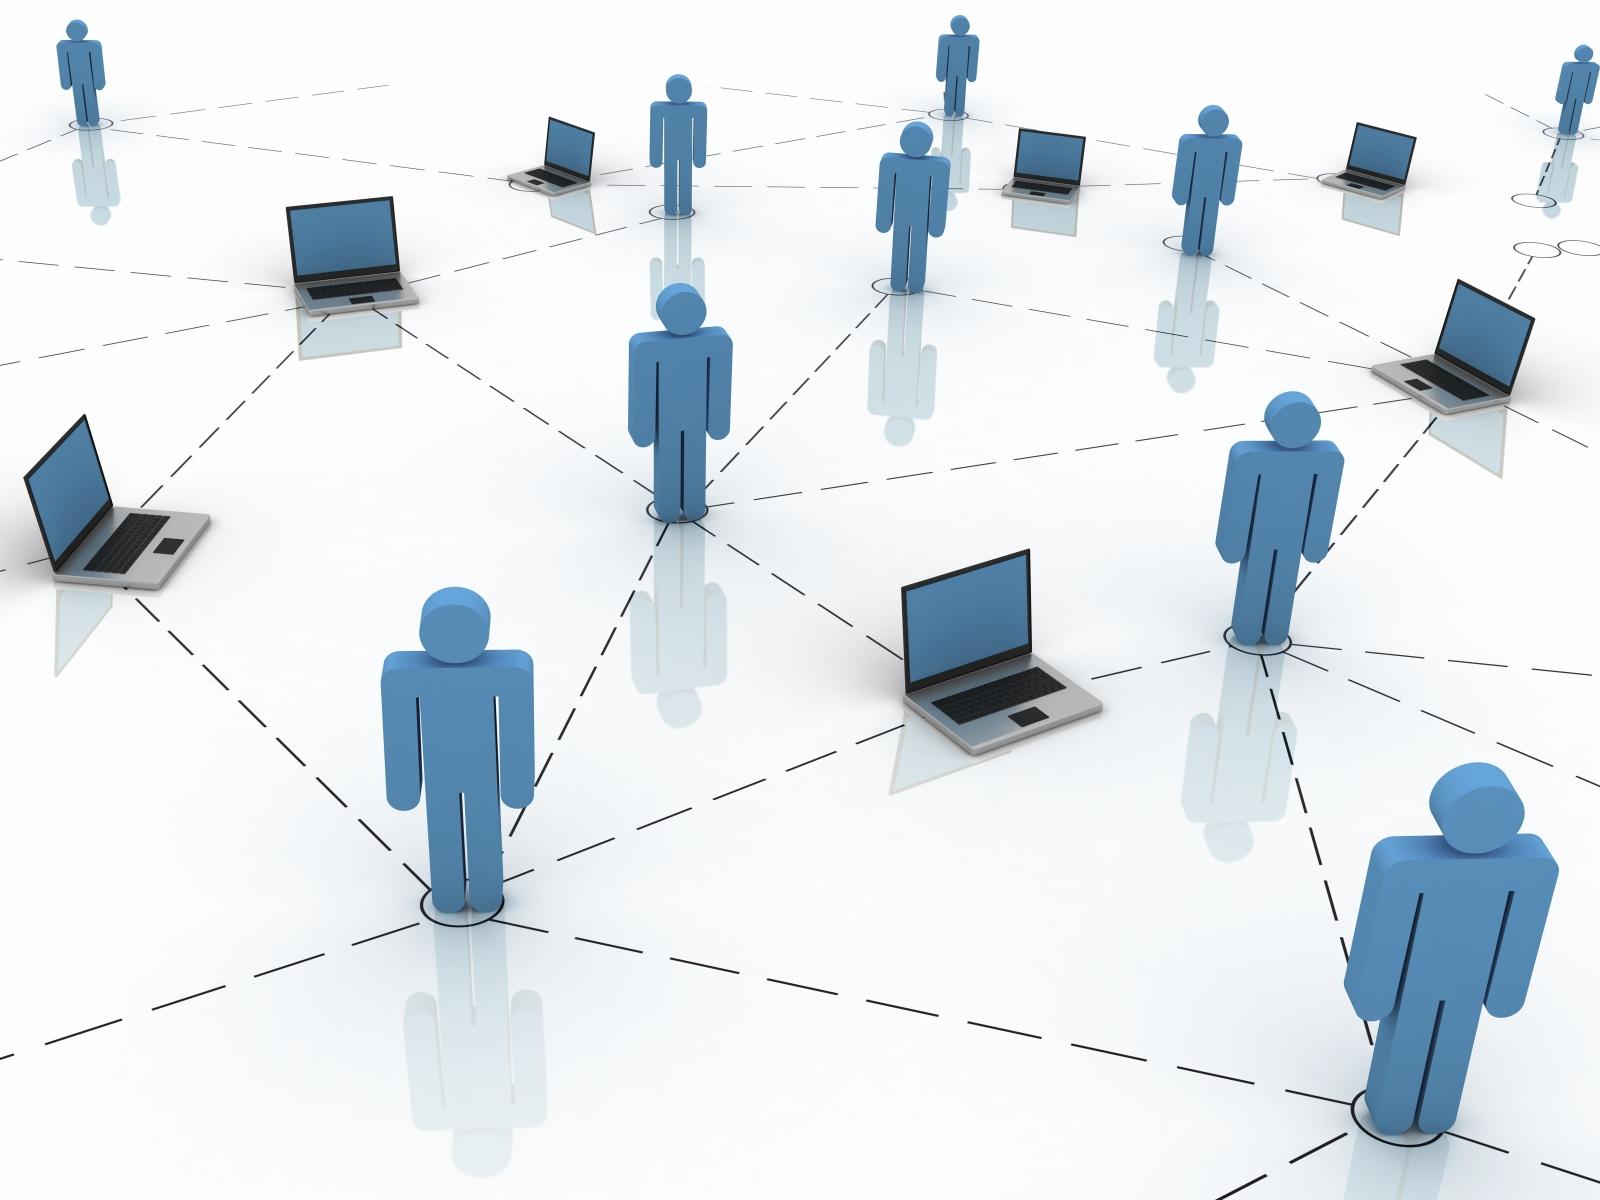 Esempio schematizzato di relazioni e intrecci sociali tipici di un Social netwok